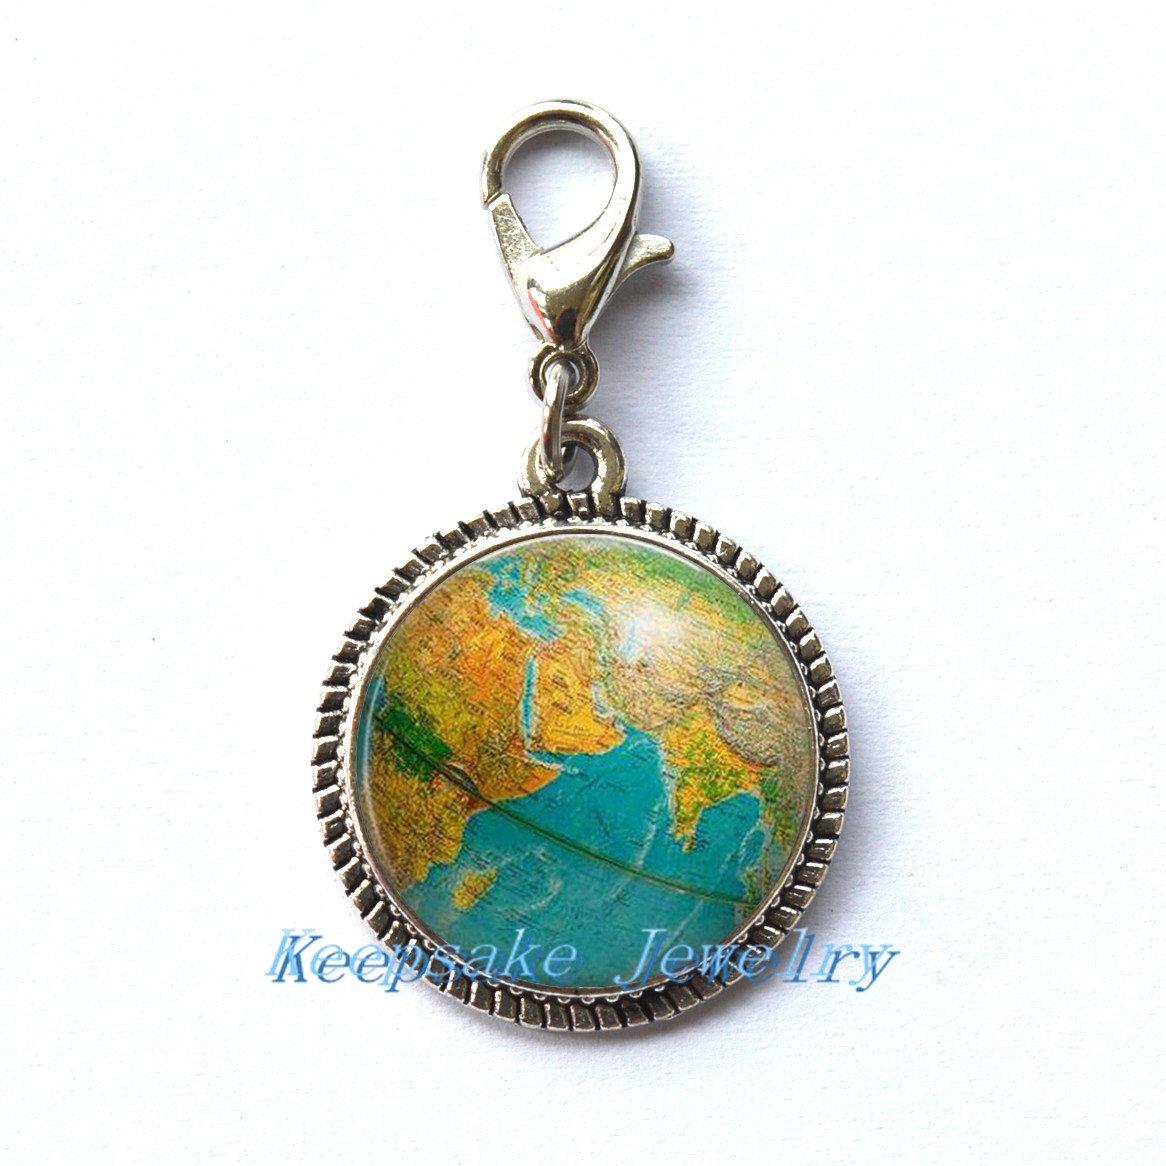 モダンチャームジッパープル、ファッションジッパープル、Globeジッパープル、地球チャームジッパープル先生、Globeアートチャームジッパープル、ギフト、世界旅行Adventurer、世界マップGlobe jewelry-rc311   B077KK43BN